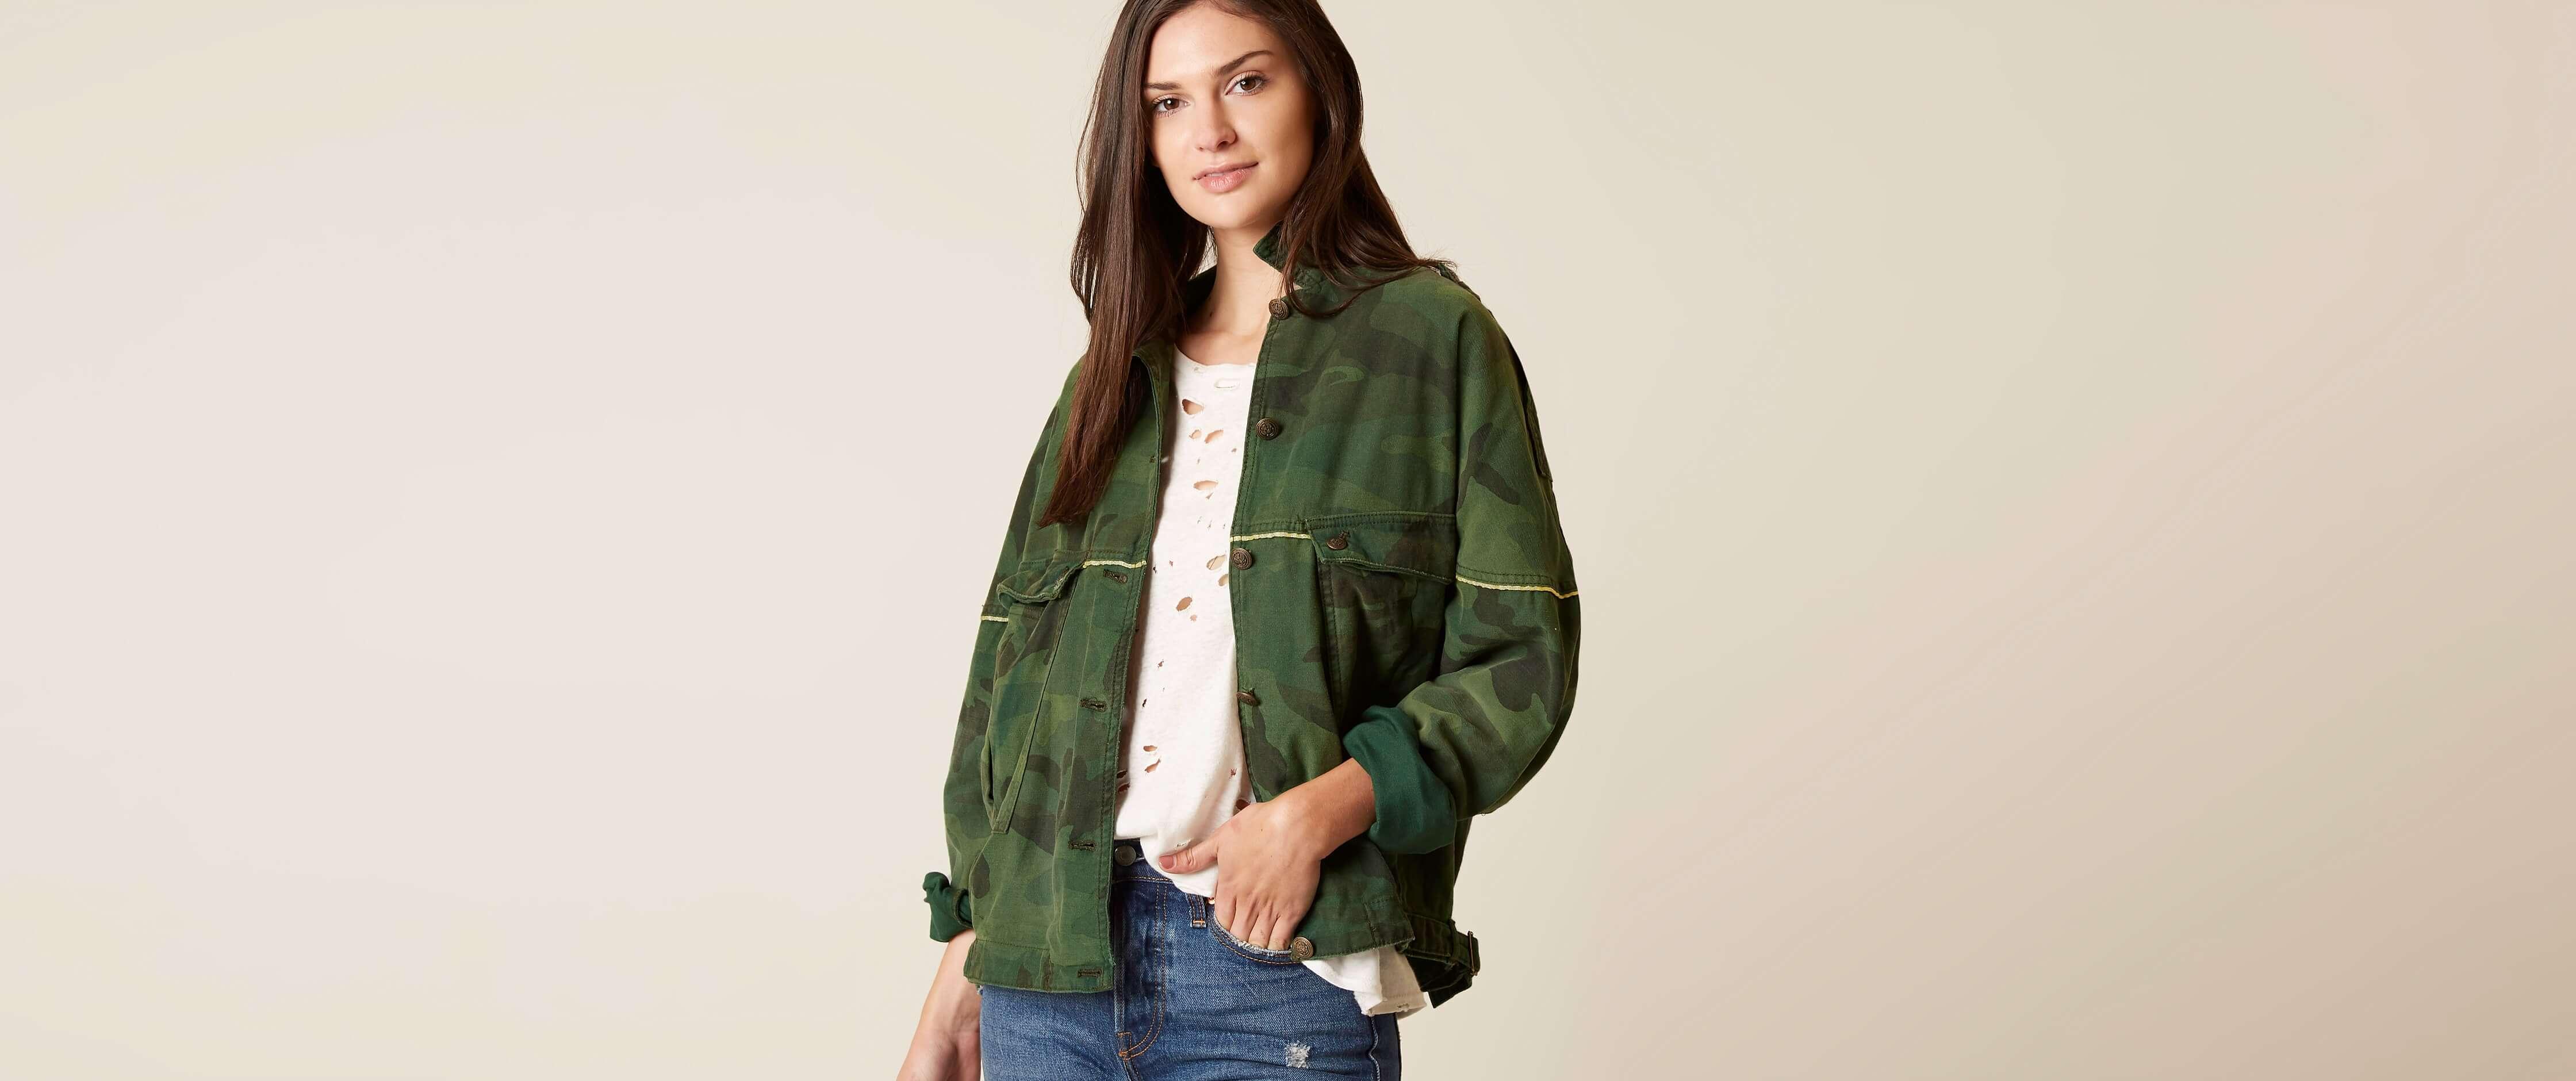 Female military coats